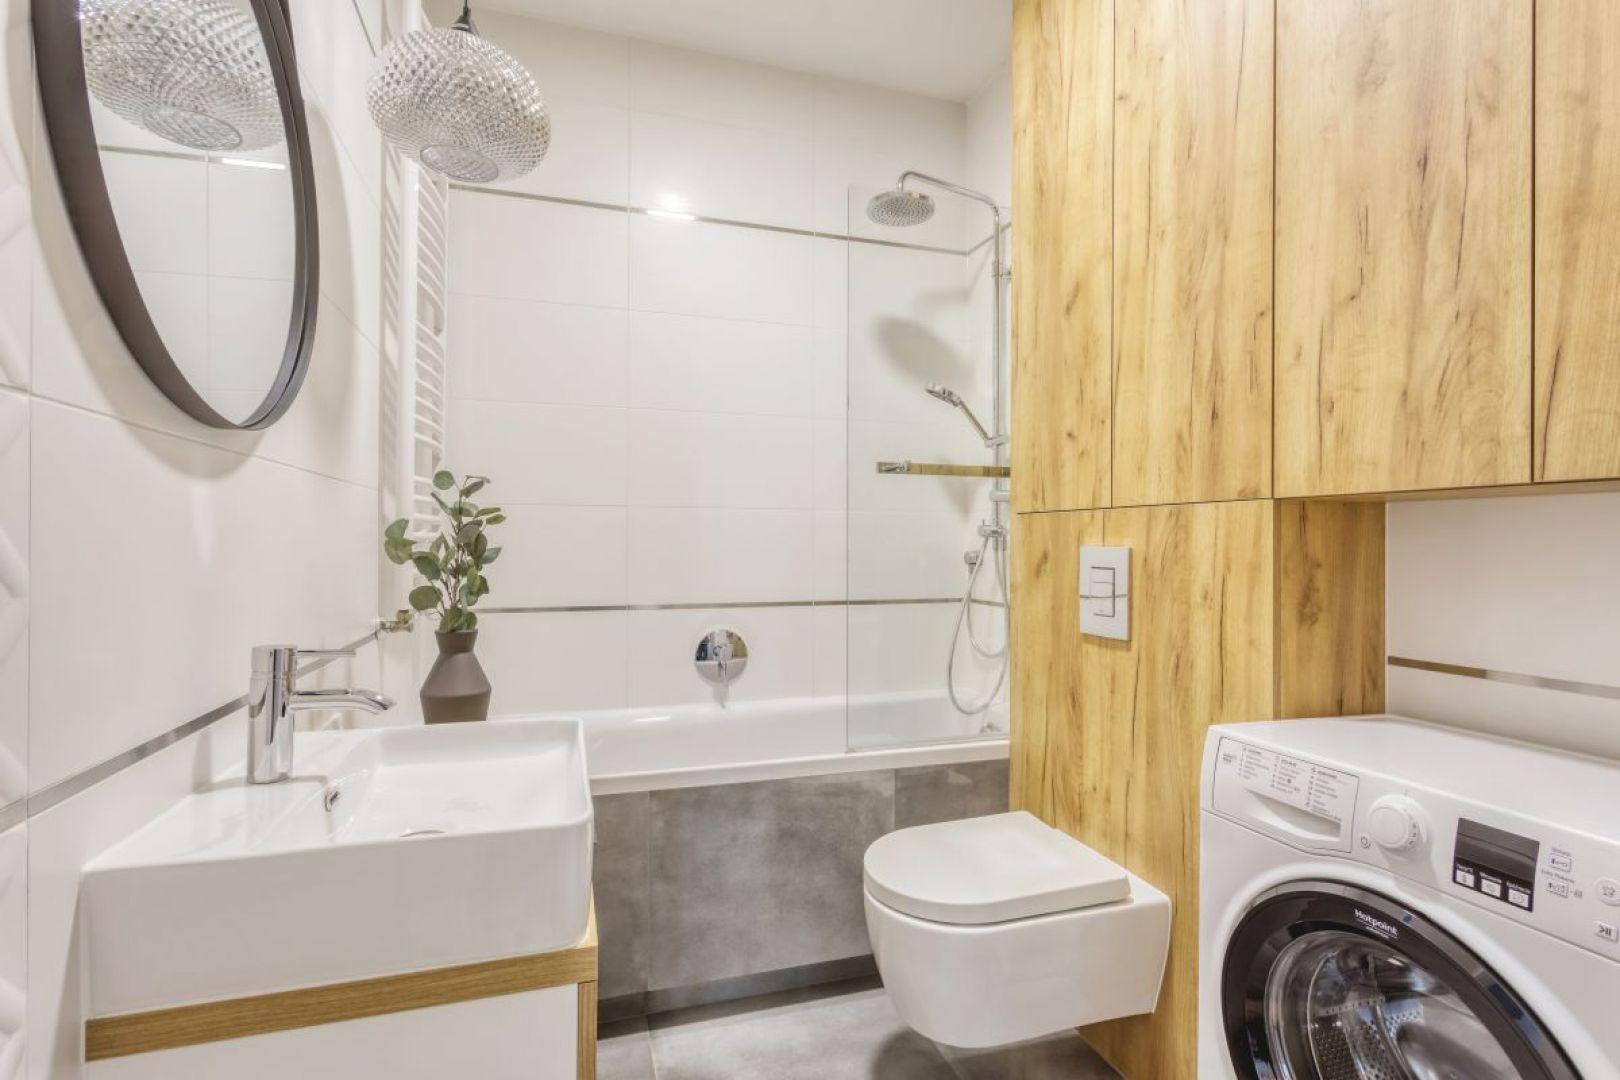 W małej łazience dobrym rozwiązaniem będzie wanną z parawanem. Projekt: Deer Design Pracownia Architektury, deerdesign.pl. Fot. Deer Design Pracownia Architektury